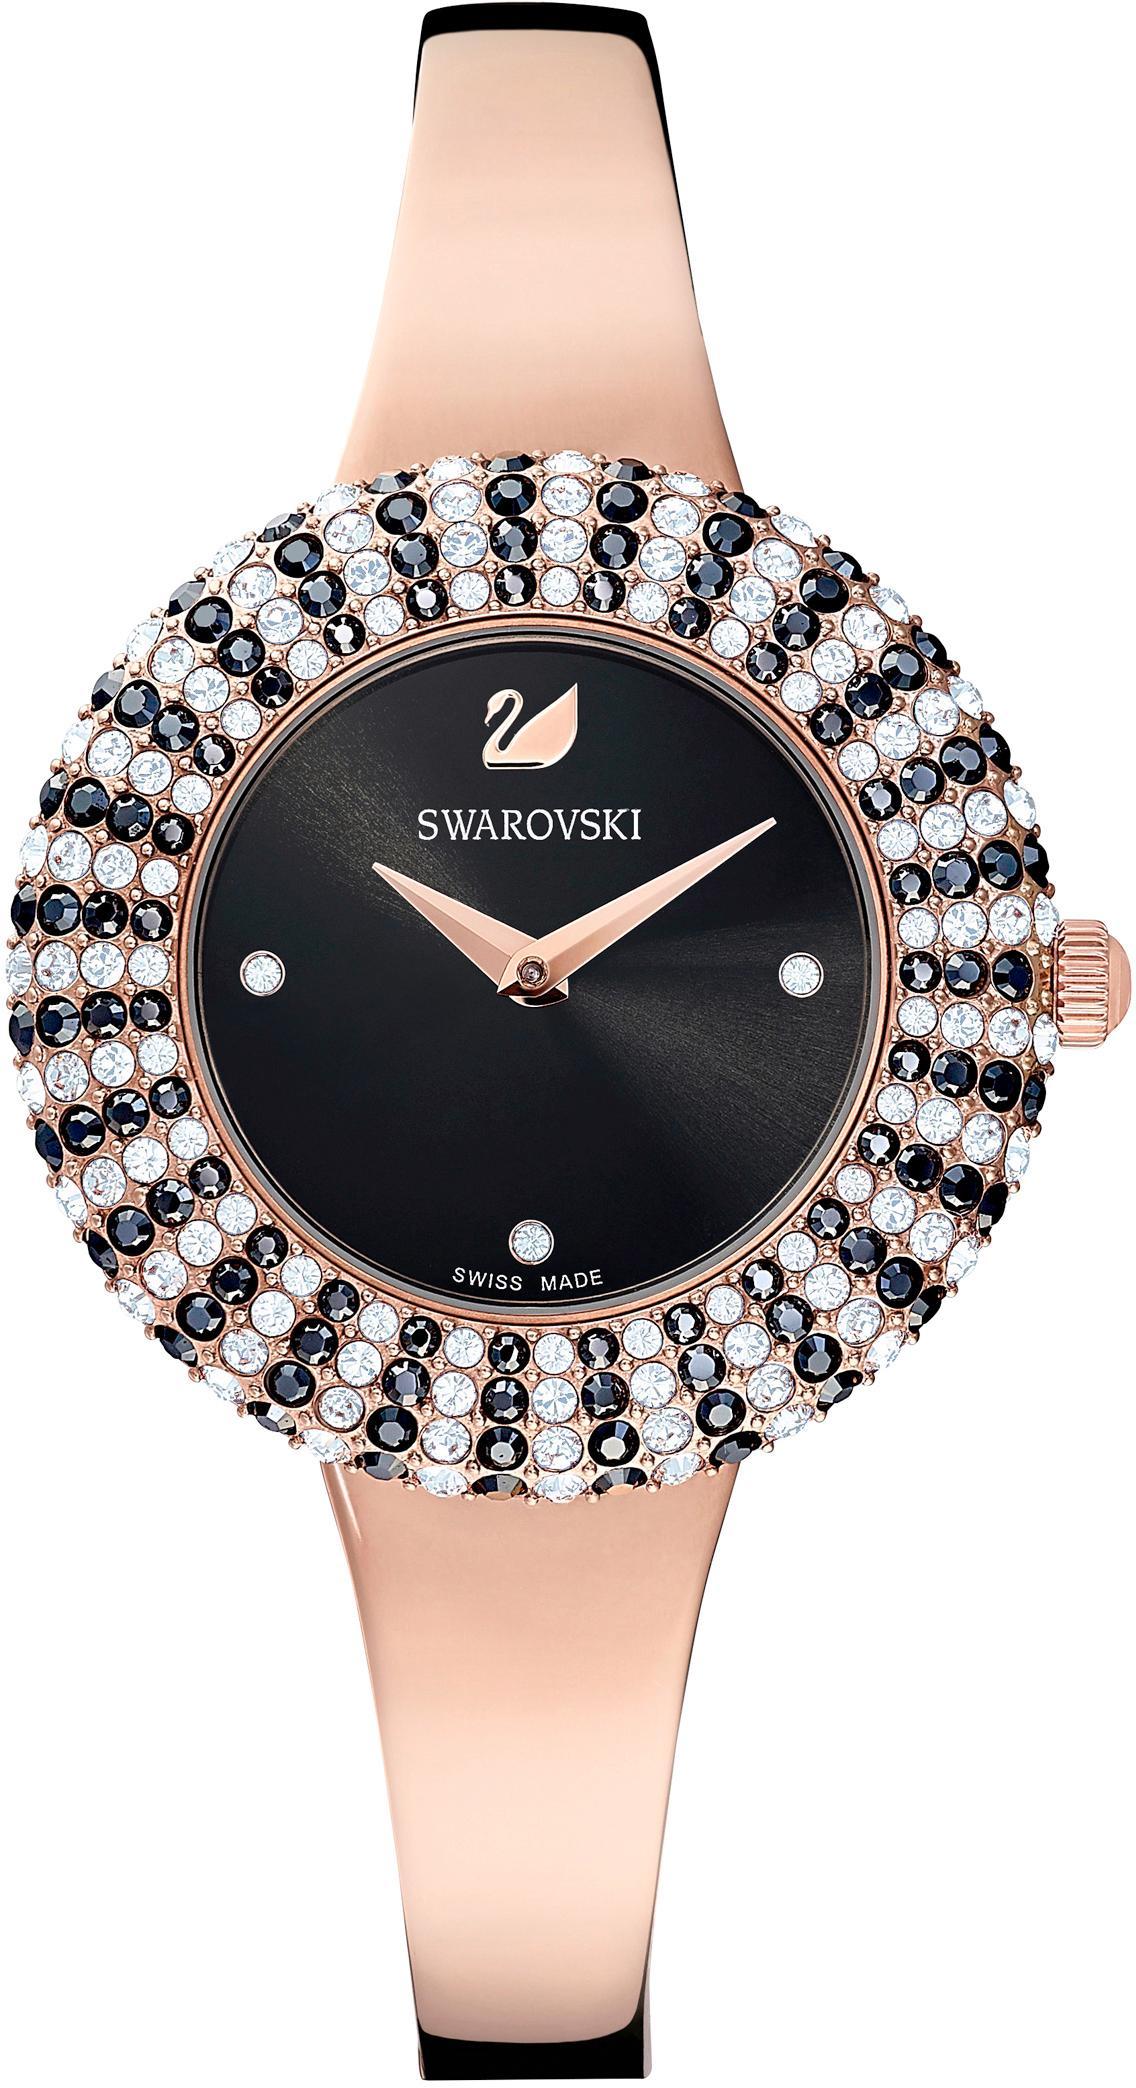 Swarovski Schweizer Uhr CRYSTAL ROSE 5484050 | Uhren > Schweizer Uhren | Swarovski